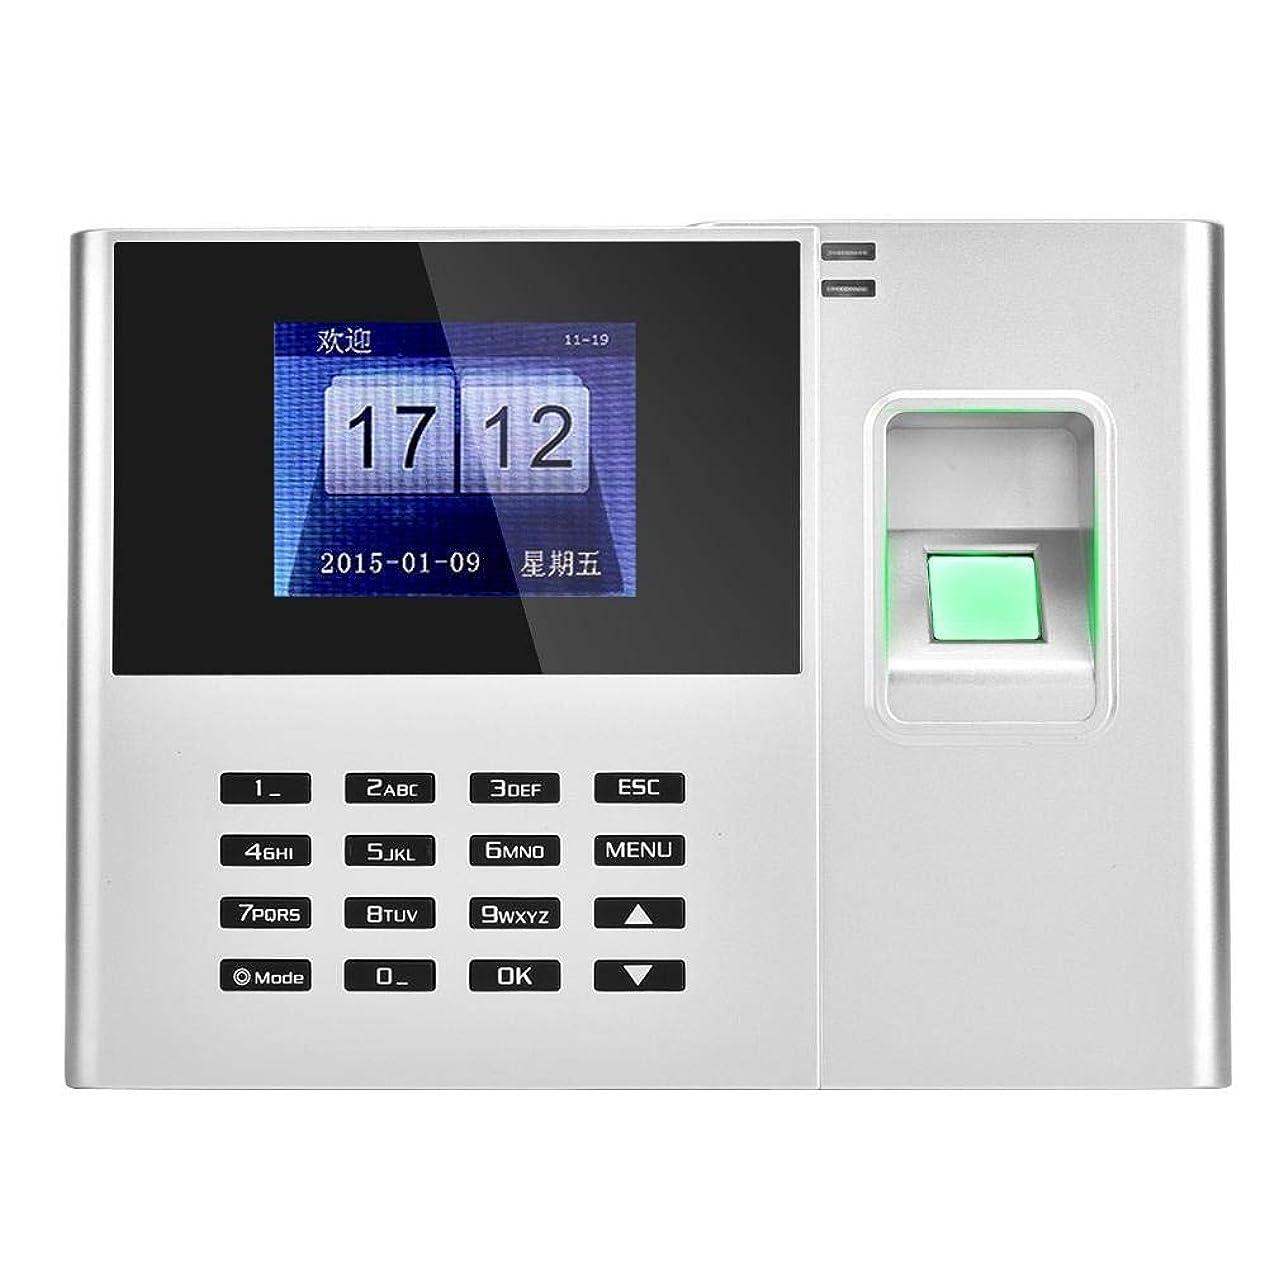 震えるパレード哲学者指紋出席機械 ASHATA 2.8インチHD LCDカラーディスプレイ指紋従業員チェックインレコーダー TCP IPバイオメトリック指紋出席 時間出席クロックレコーダー(シルバー USプラグ)